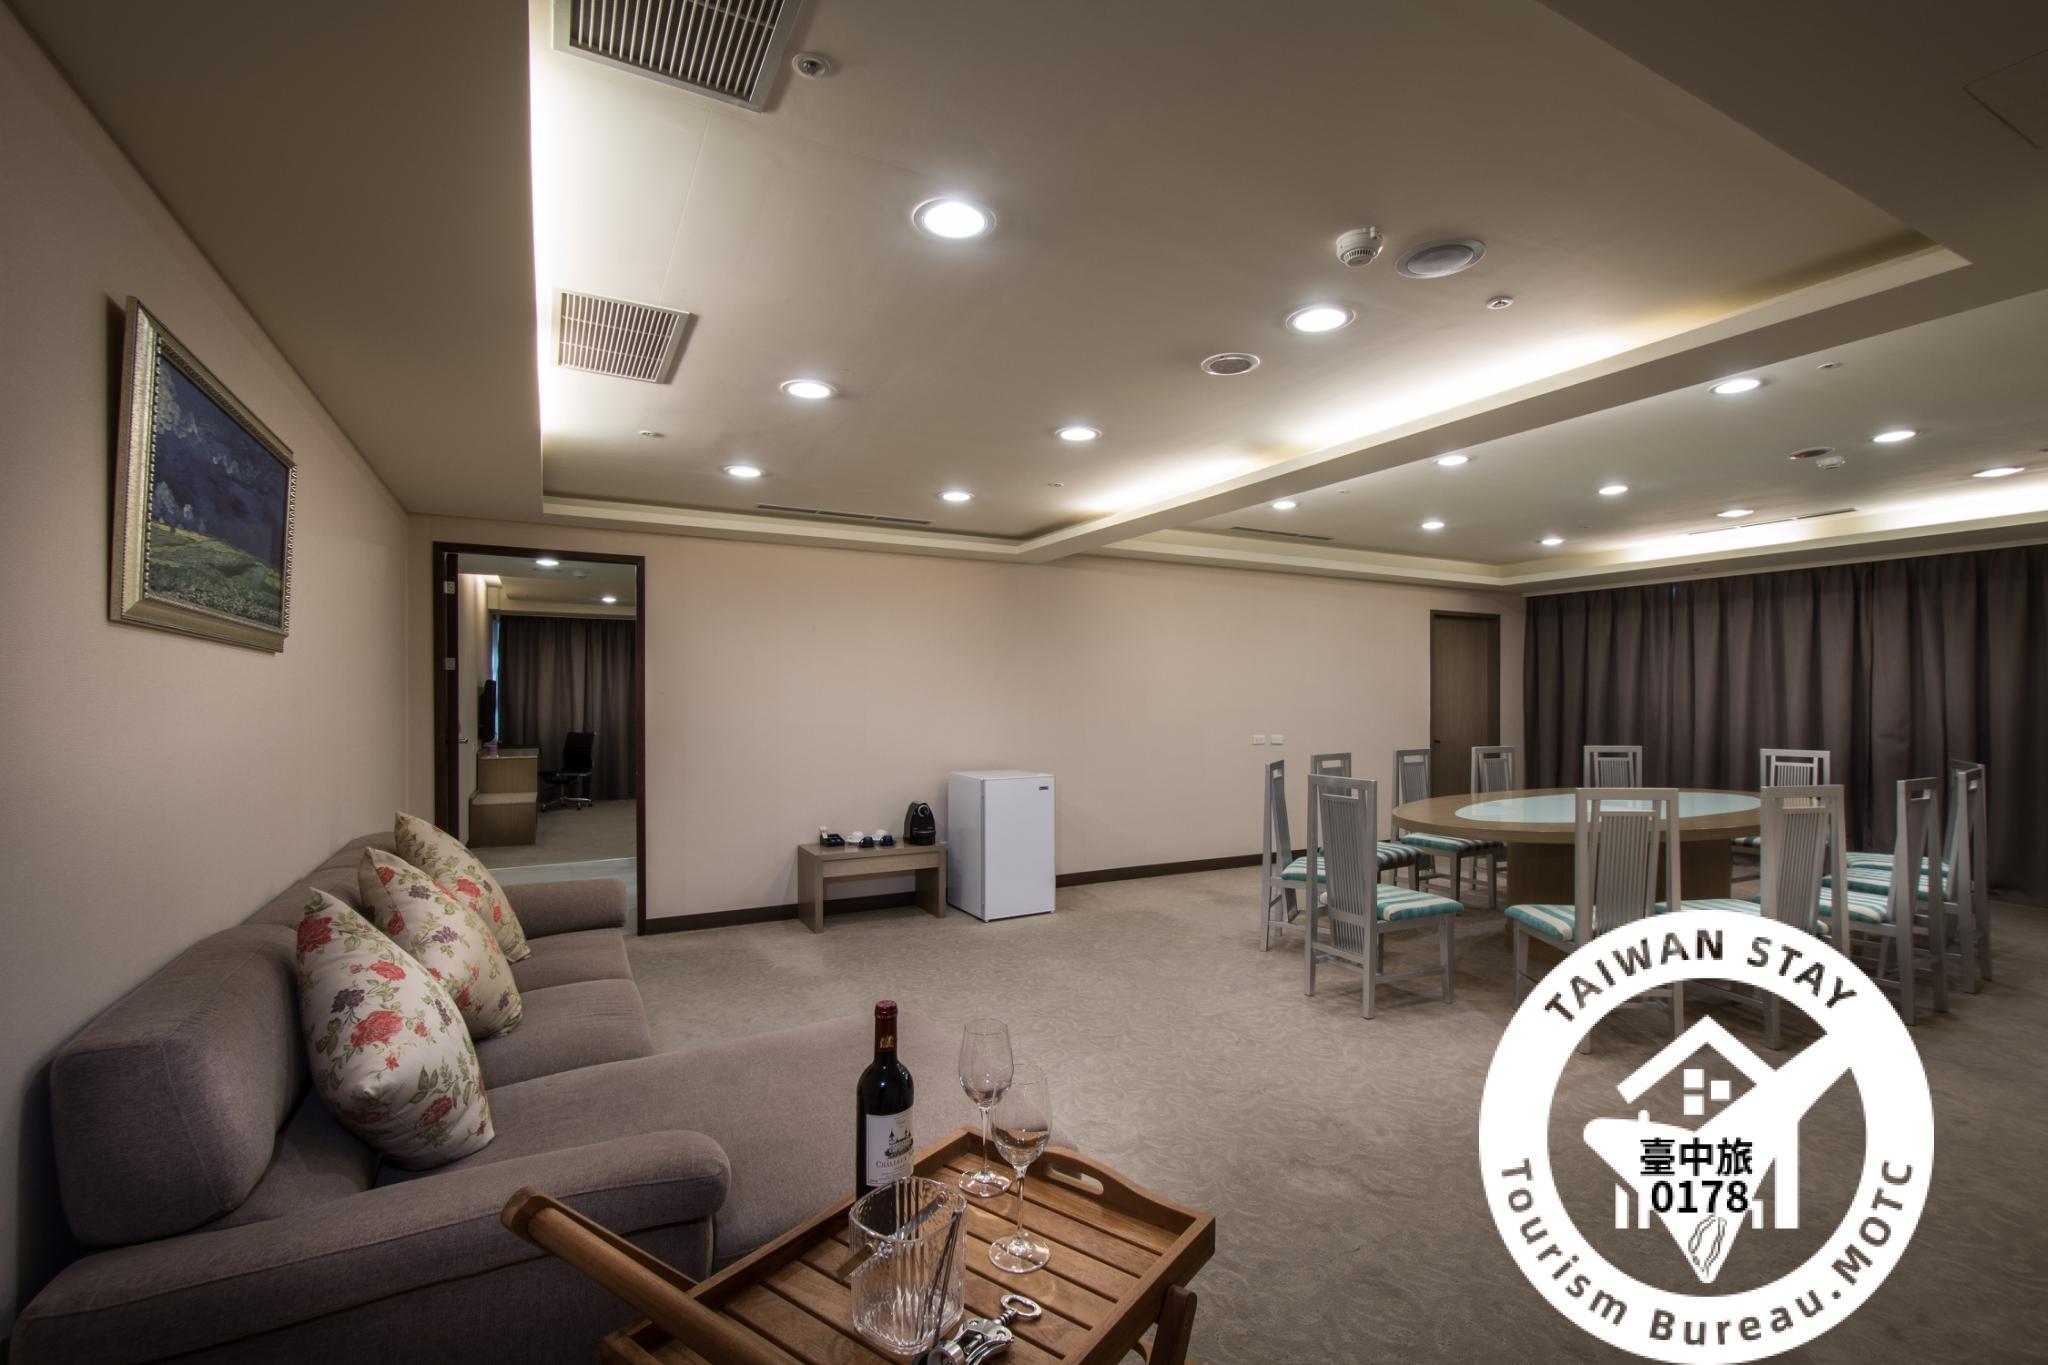 尊爵商務套房Premier Suite照片_1